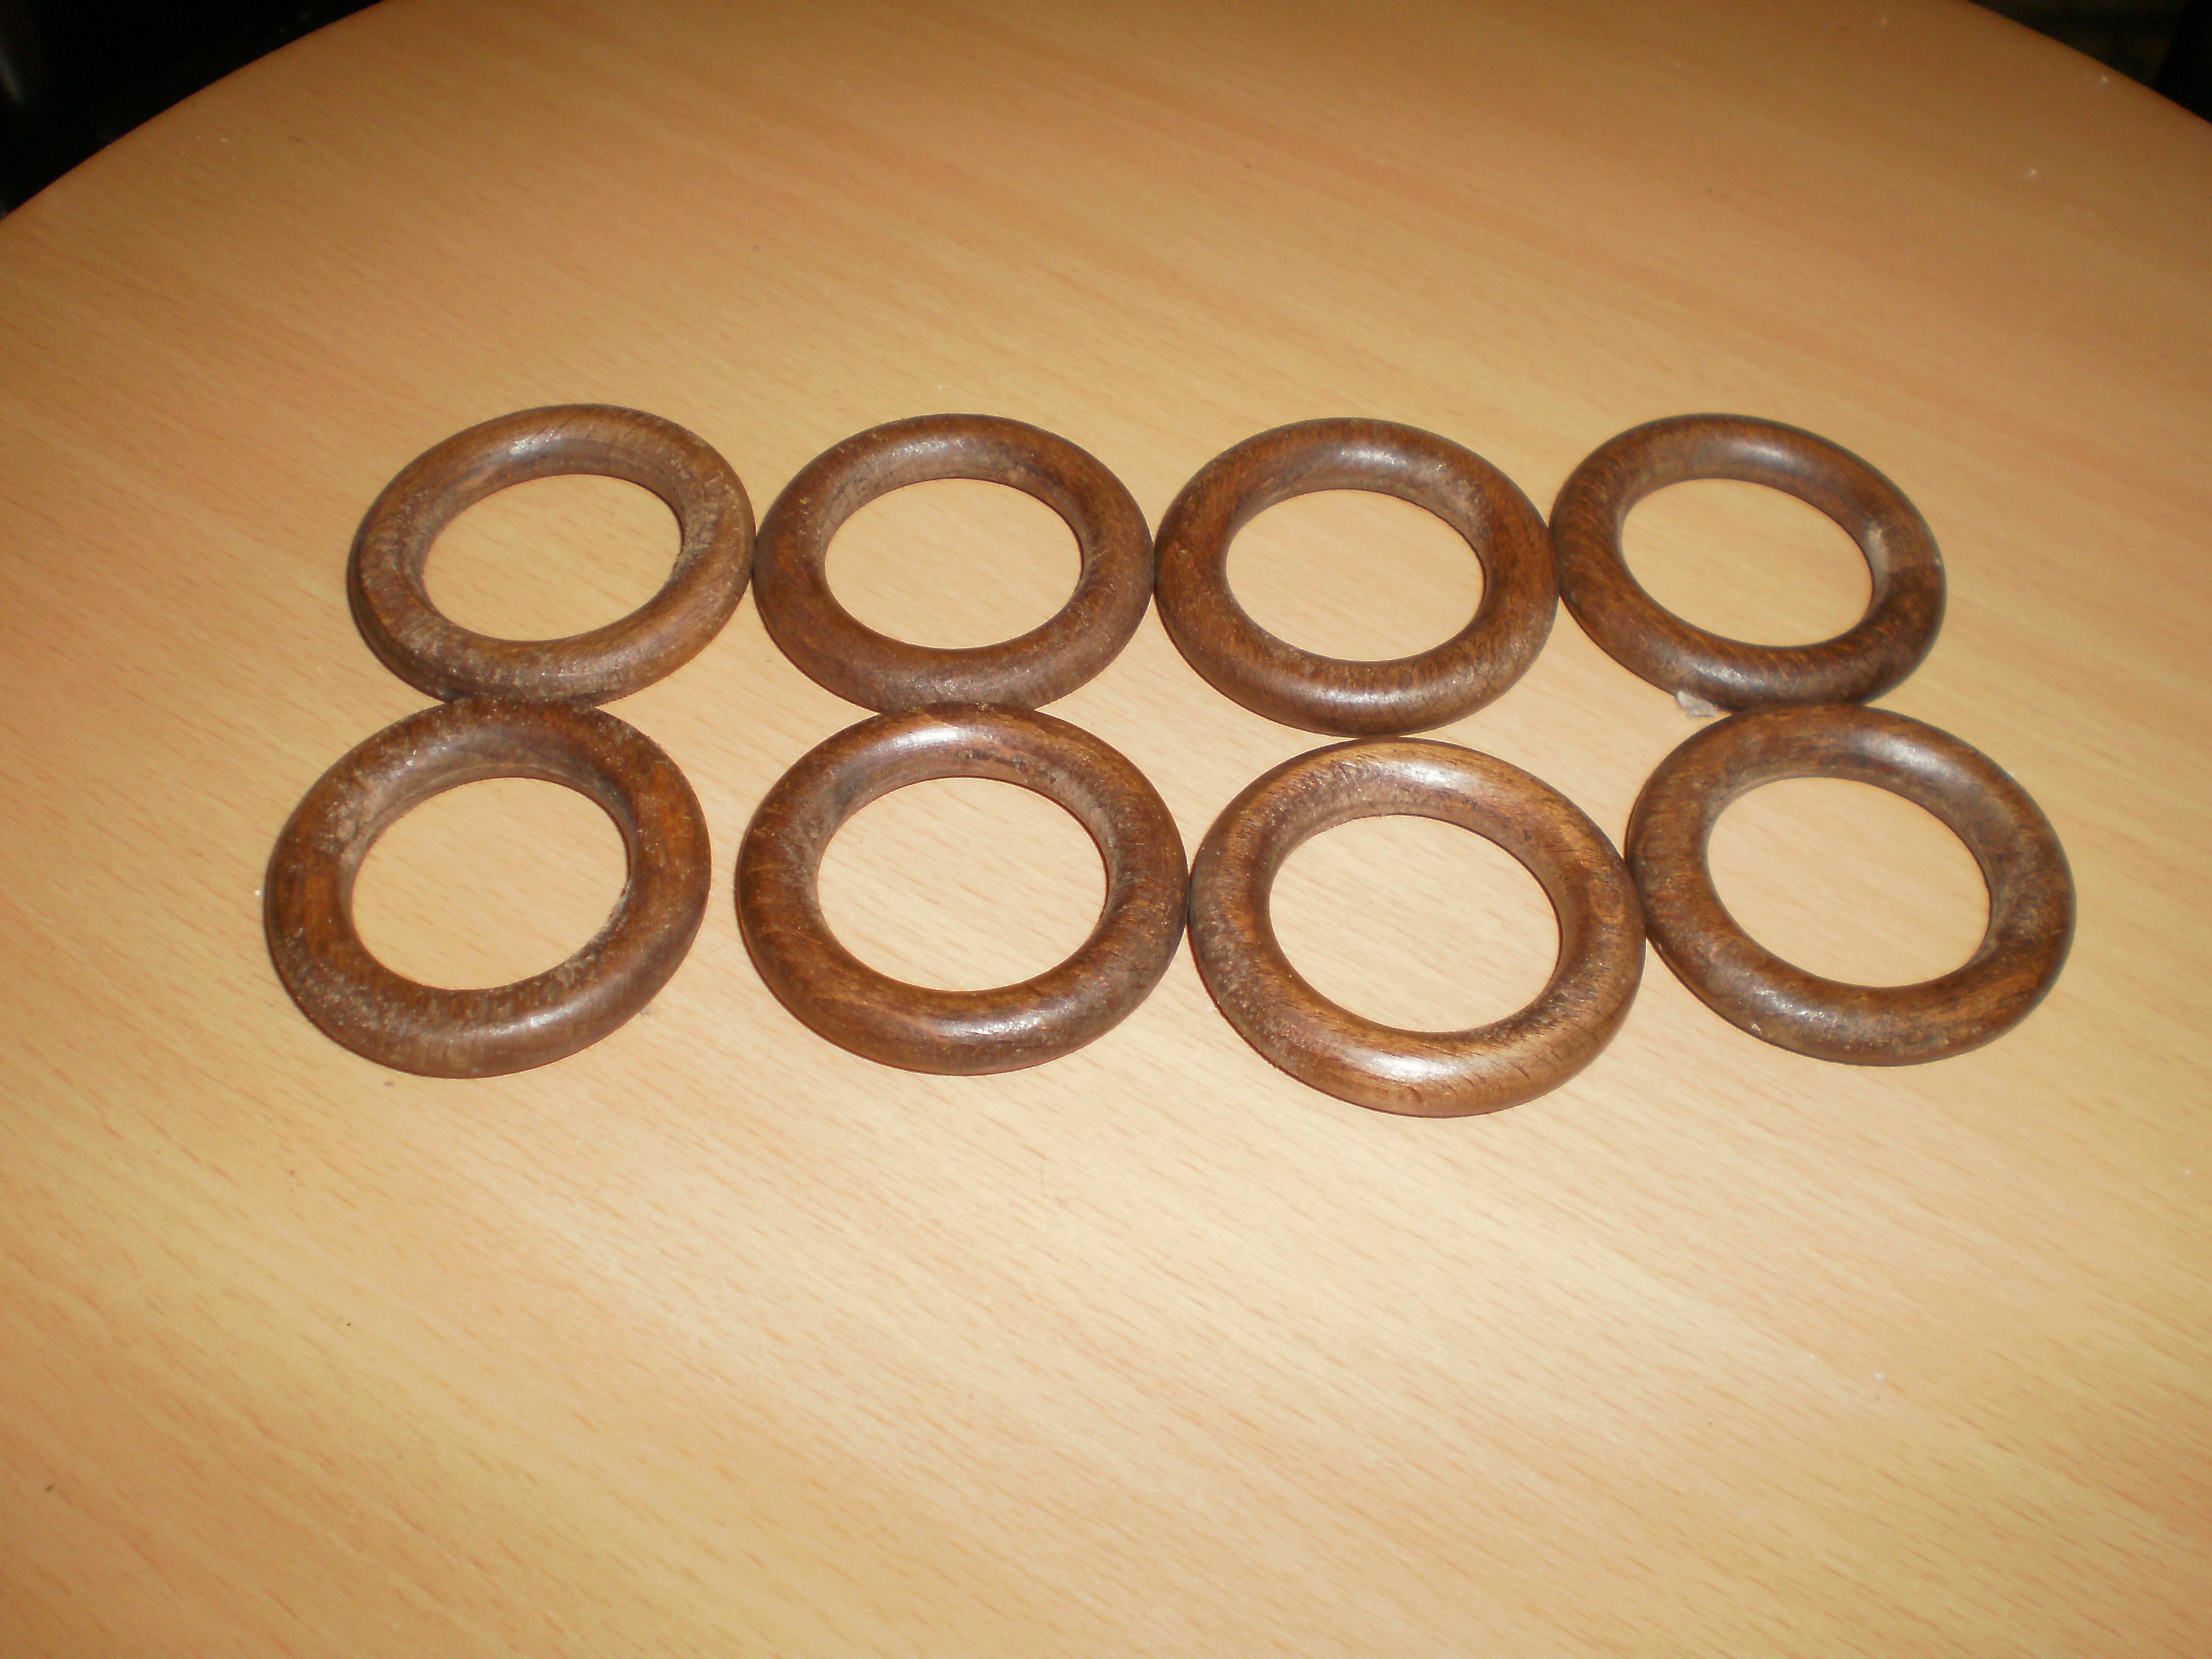 troc de troc 8 anneaux bois parfait état image 0